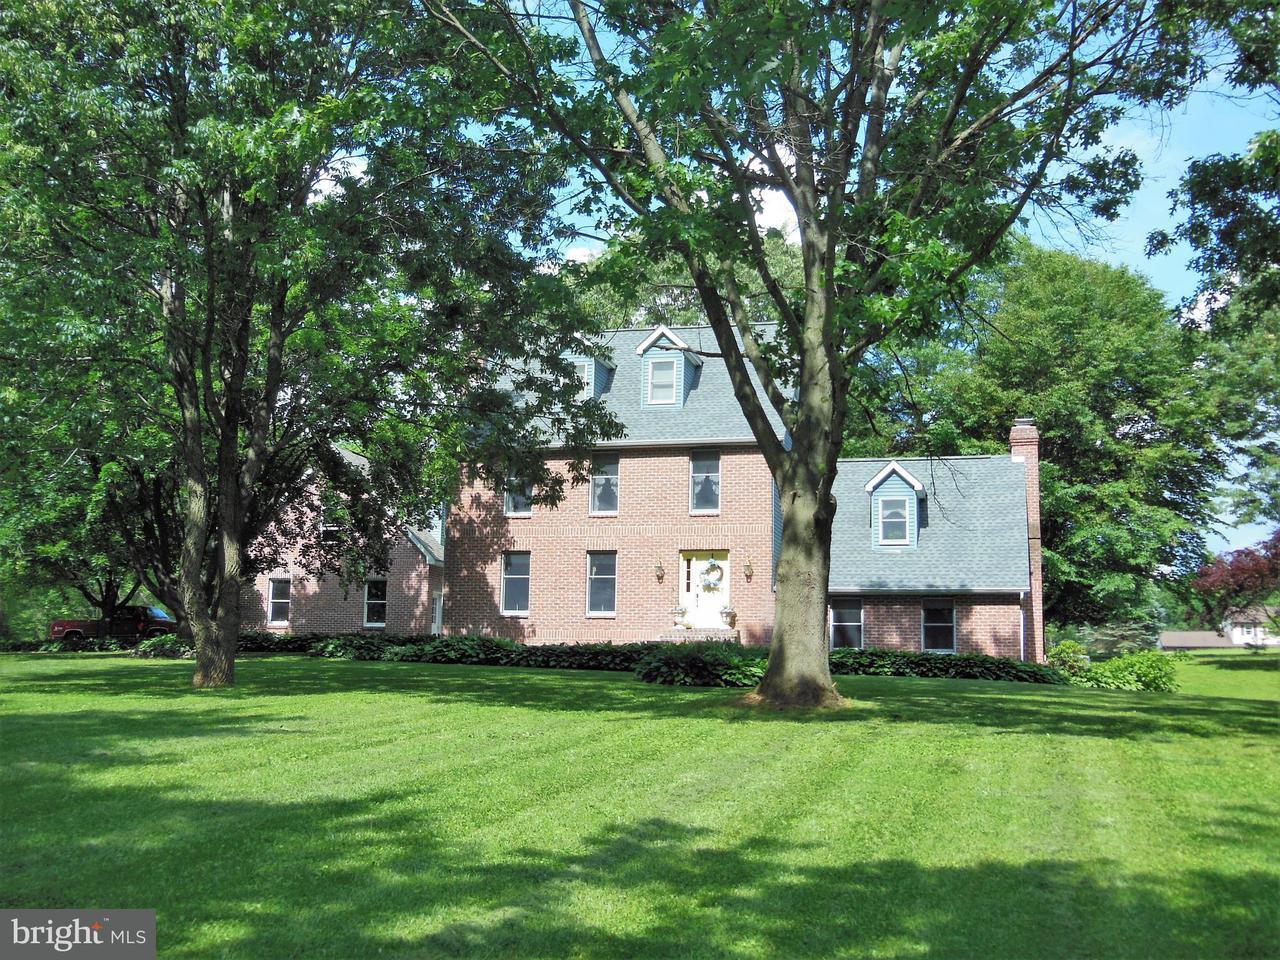 Maison unifamiliale pour l Vente à 4029 GRANDE VIEW Drive 4029 GRANDE VIEW Drive Pylesville, Maryland 21132 États-Unis